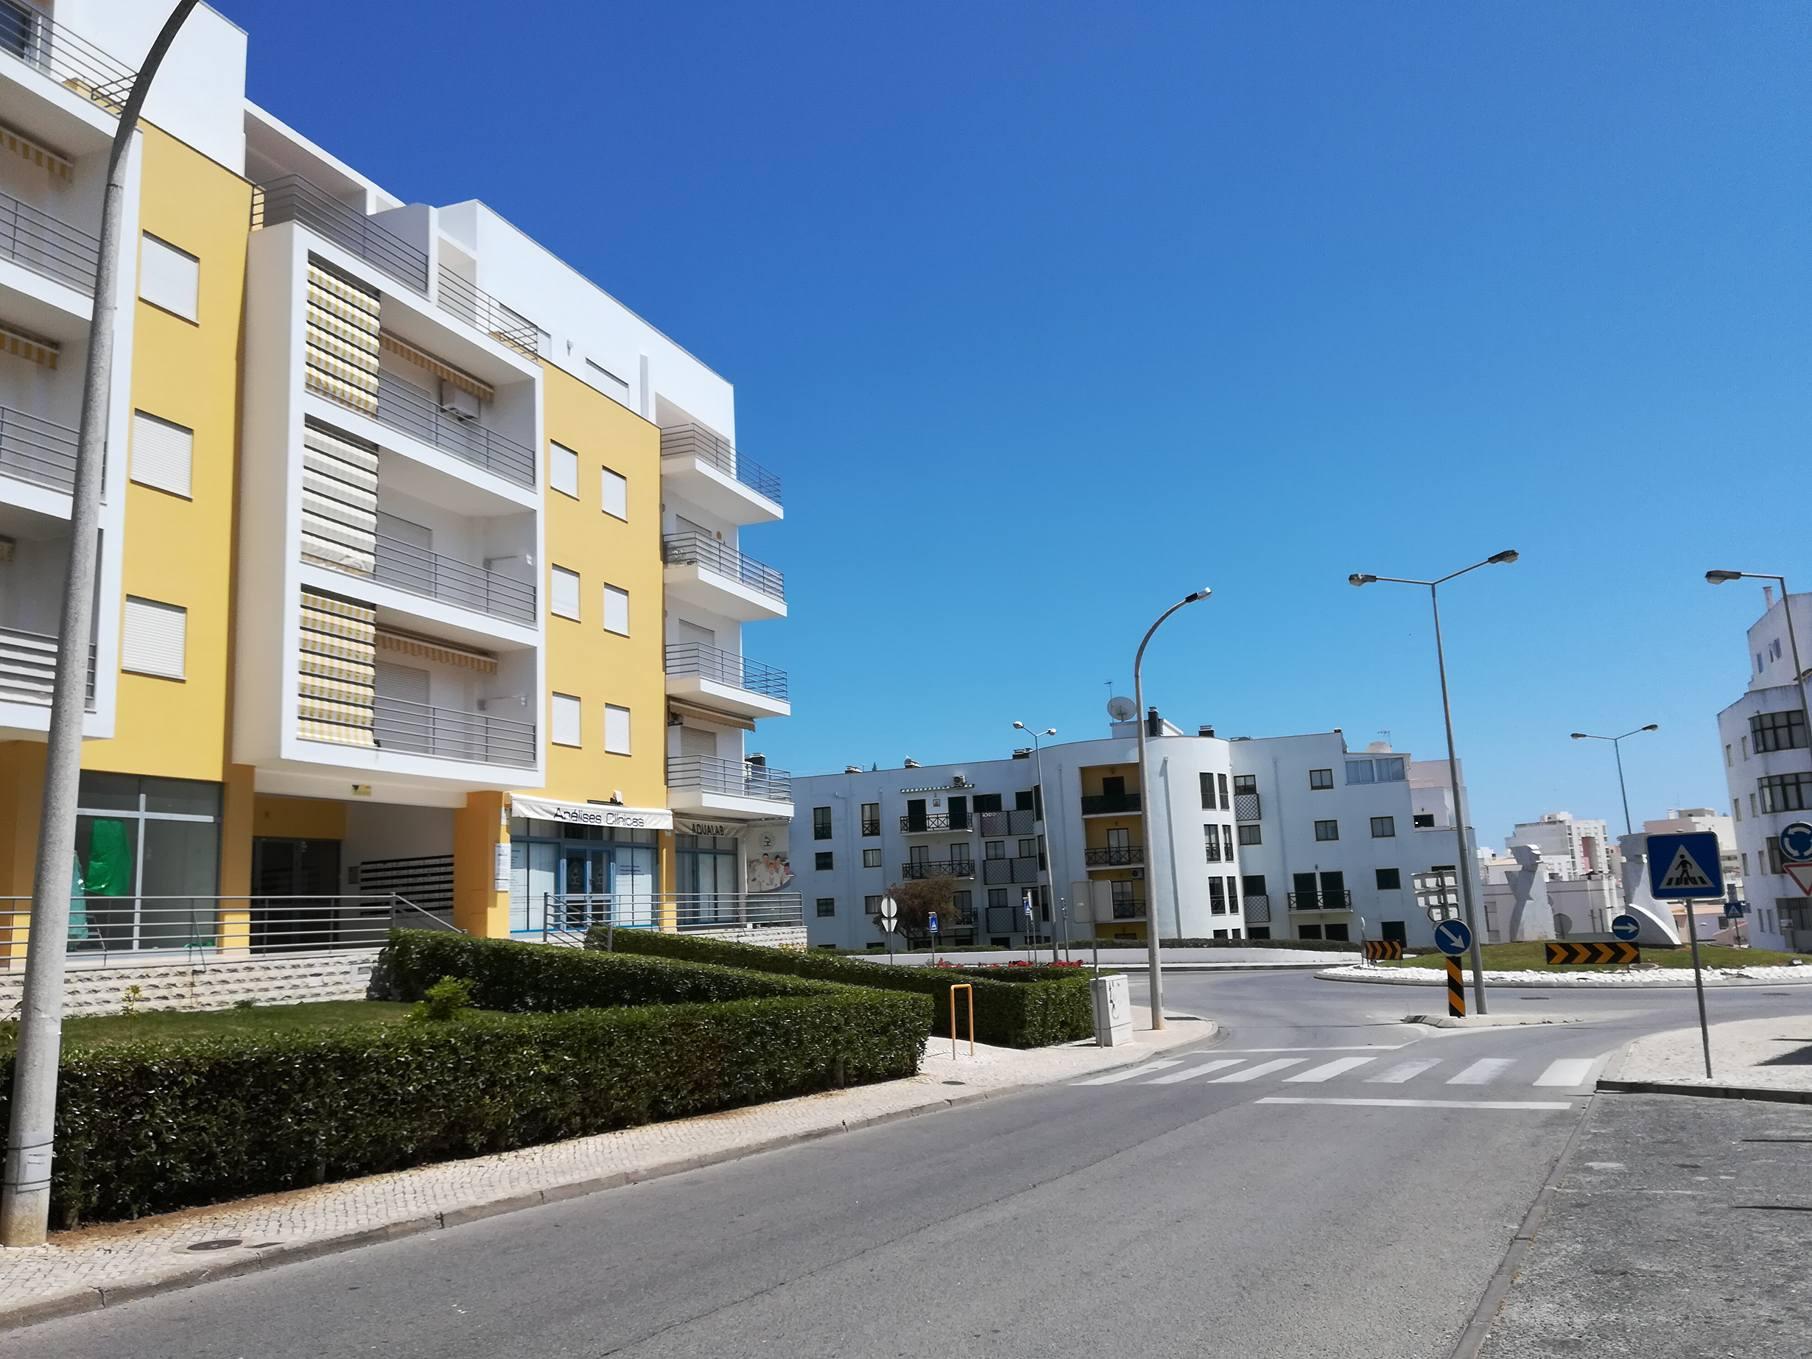 Holiday apartments and villas for rent, Vila Nova II in Armação de Pêra, Portugal Algarve, REF_IMG_5826_5828